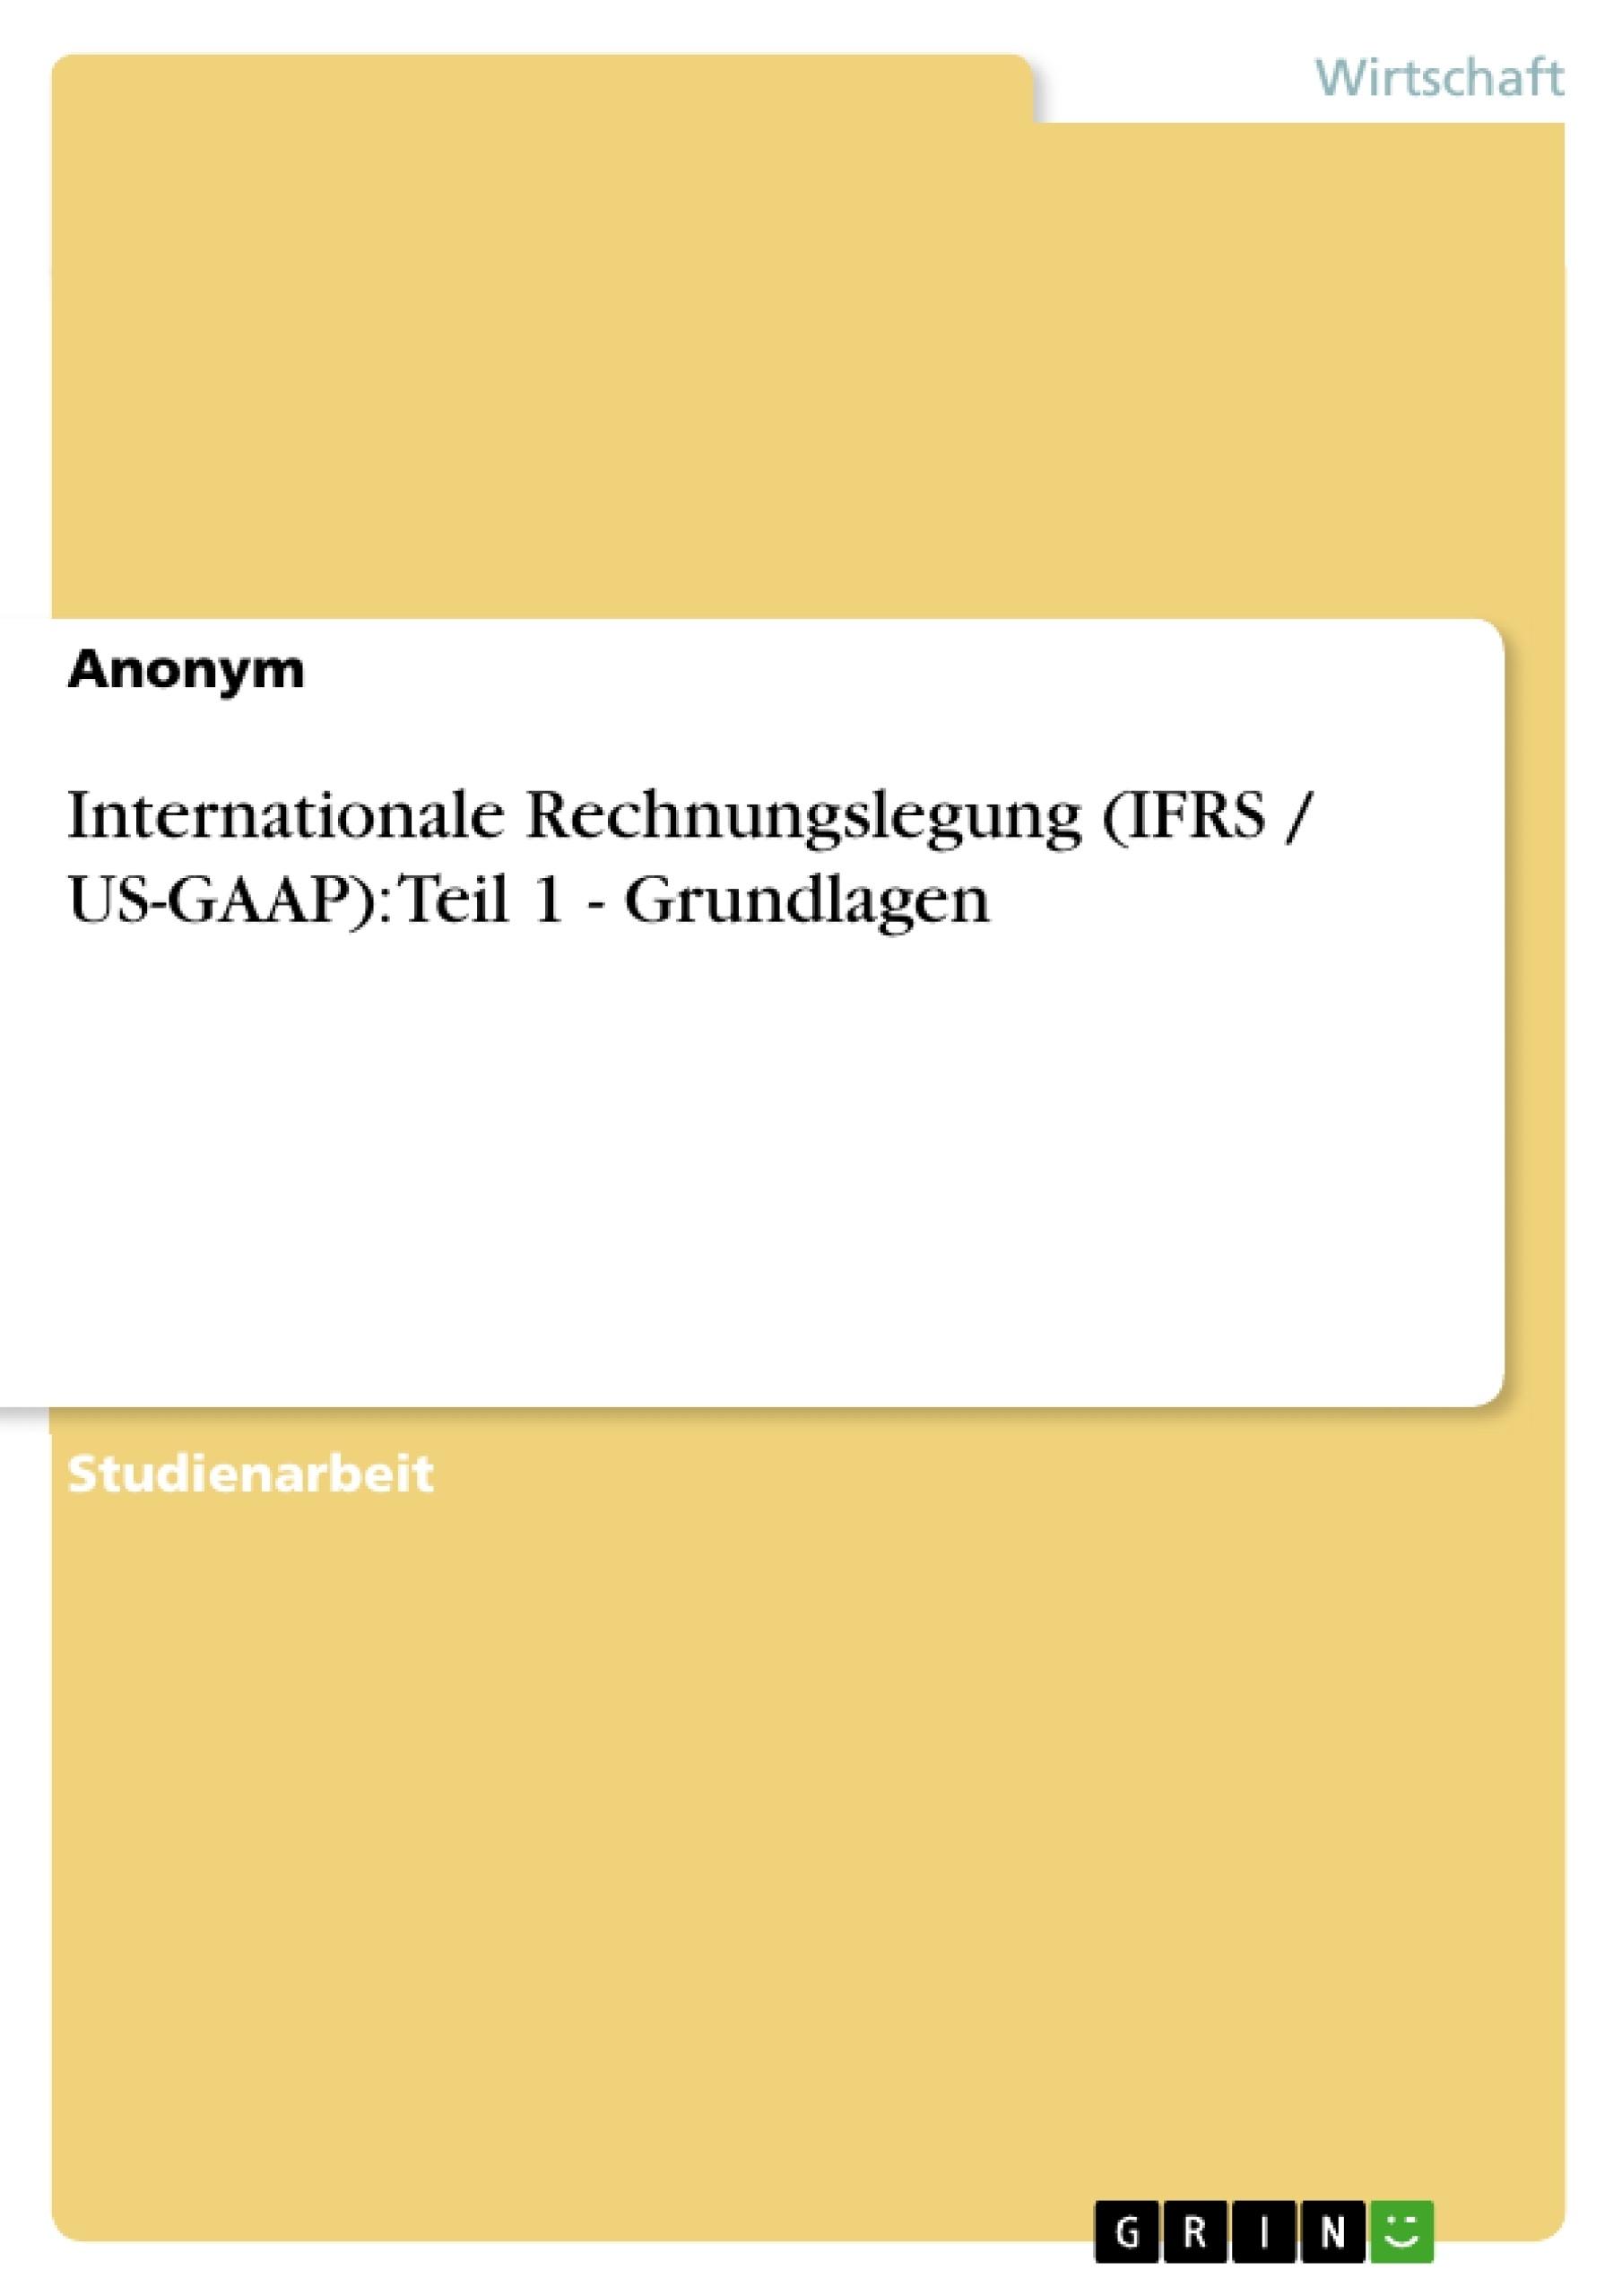 Titel: Internationale Rechnungslegung (IFRS / US-GAAP): Teil 1 - Grundlagen